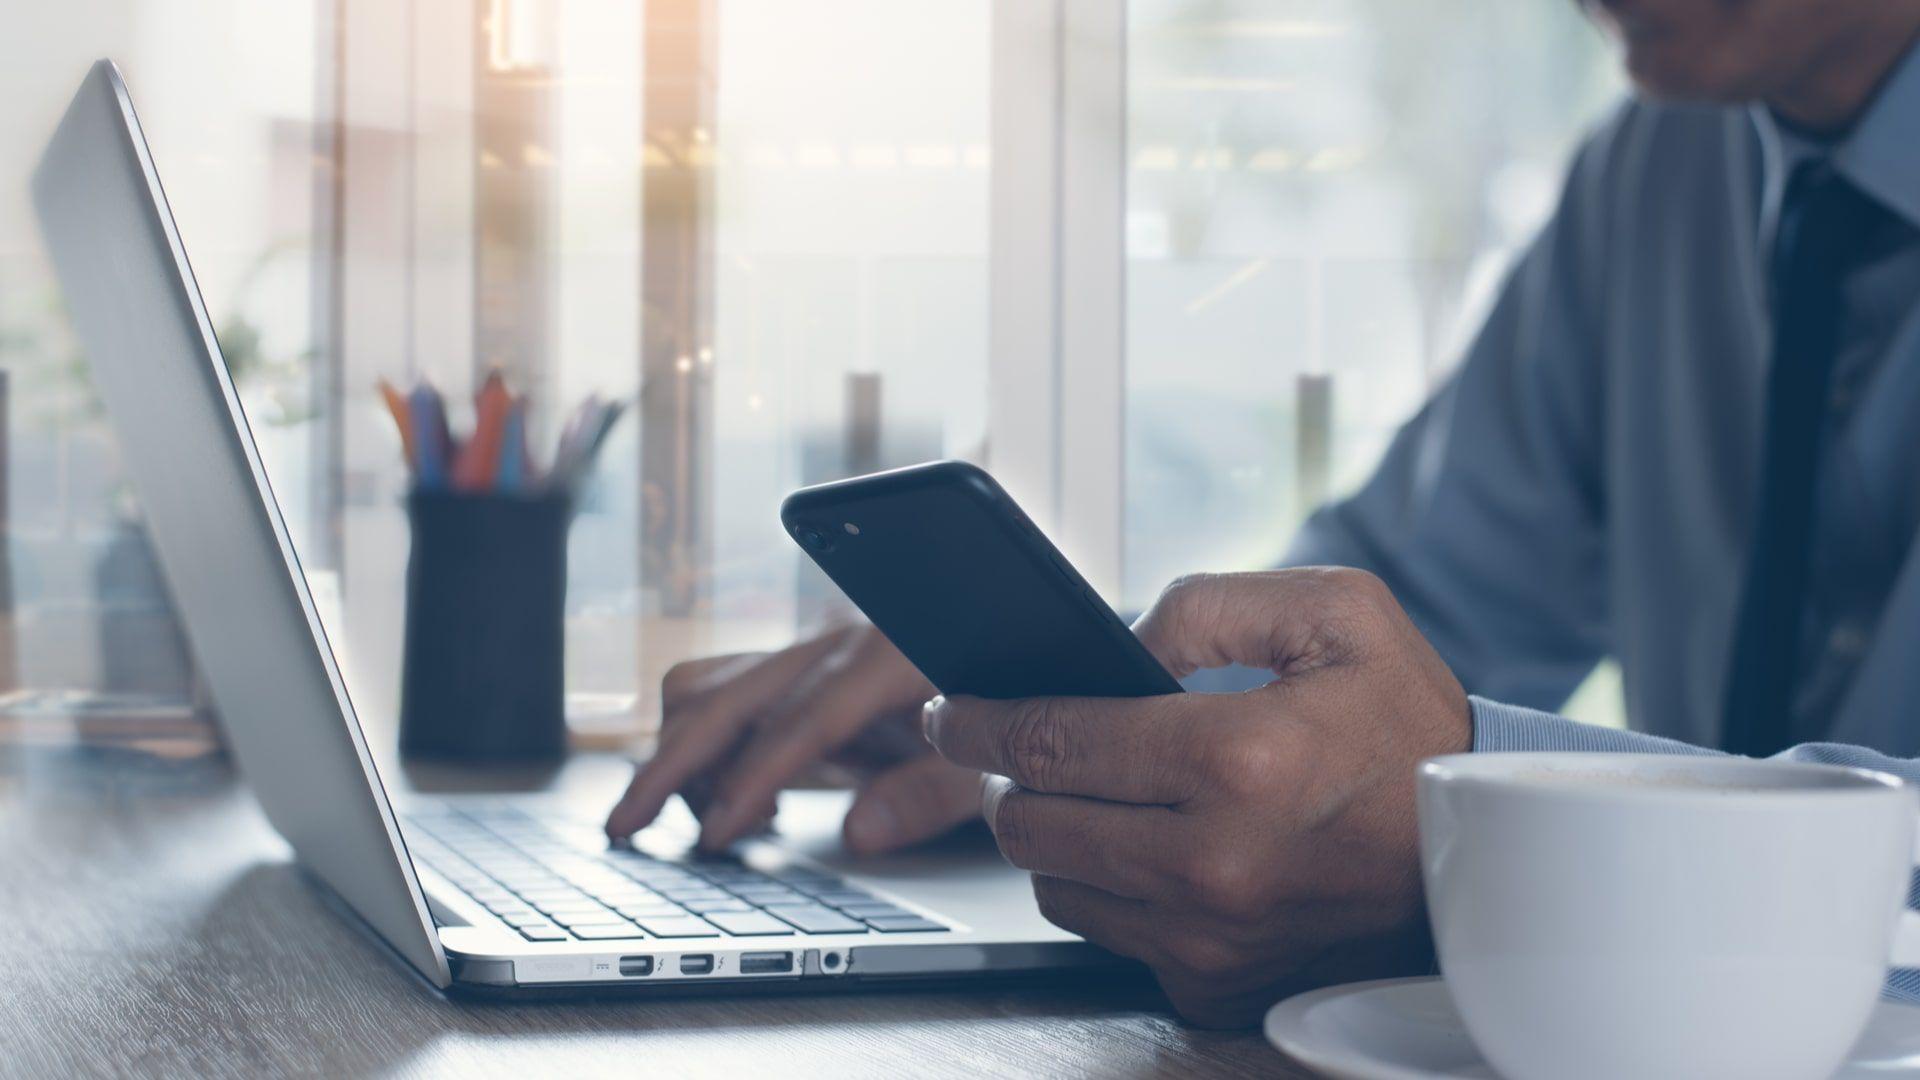 Como transferir arquivos do celular para o PC: veja dicas com e sem cabo (Foto: Shutterstock)